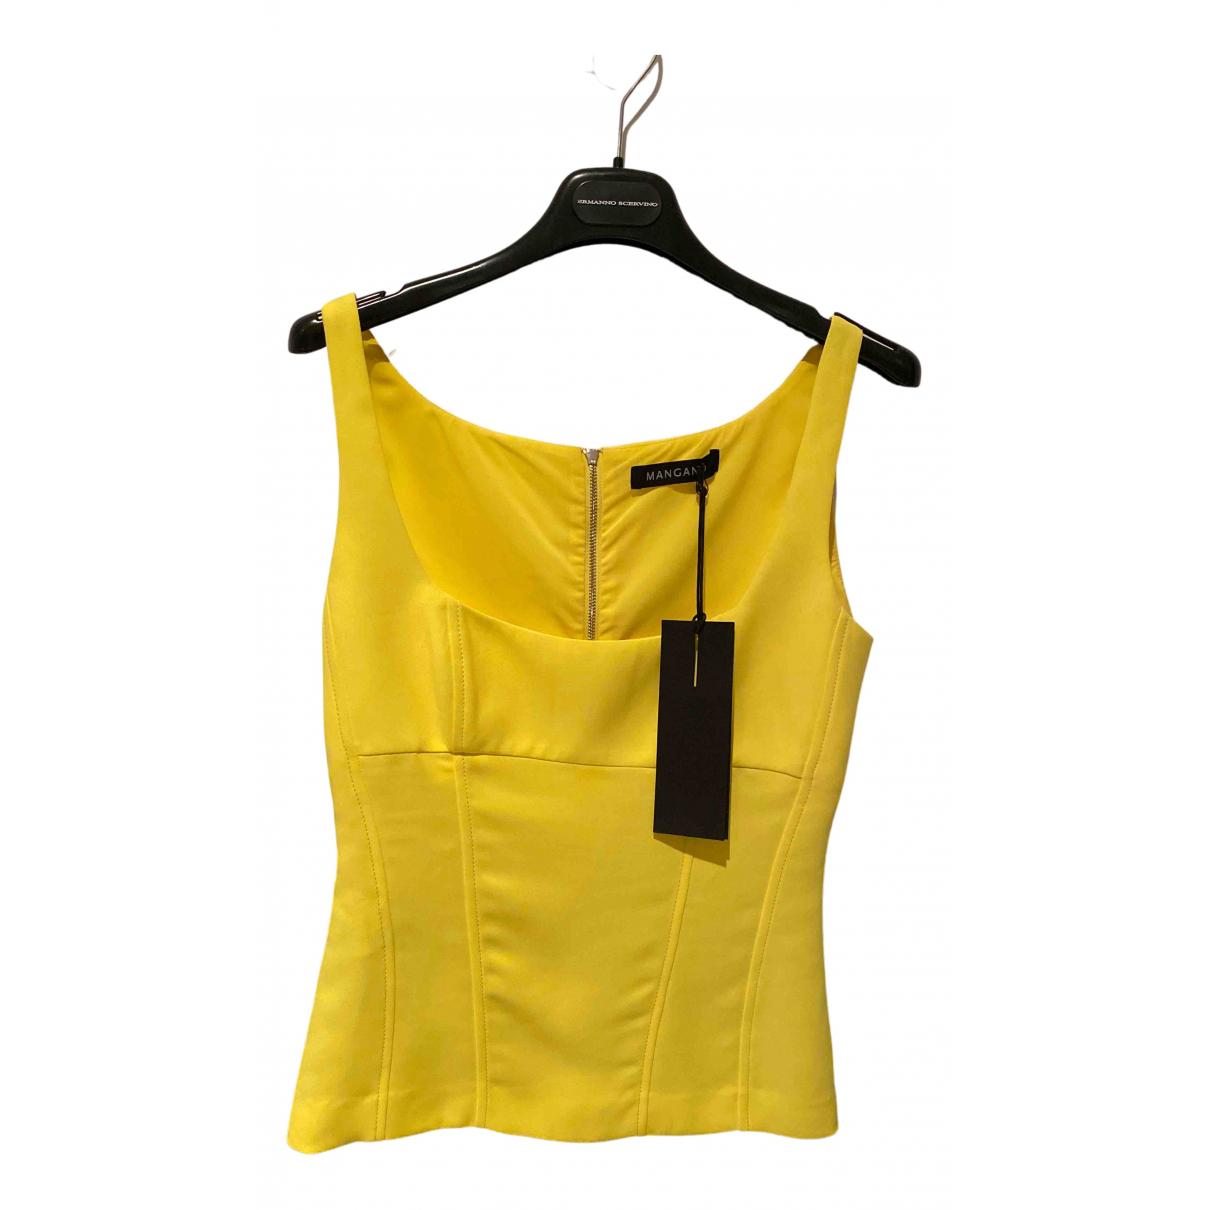 Mangano - Top   pour femme - jaune